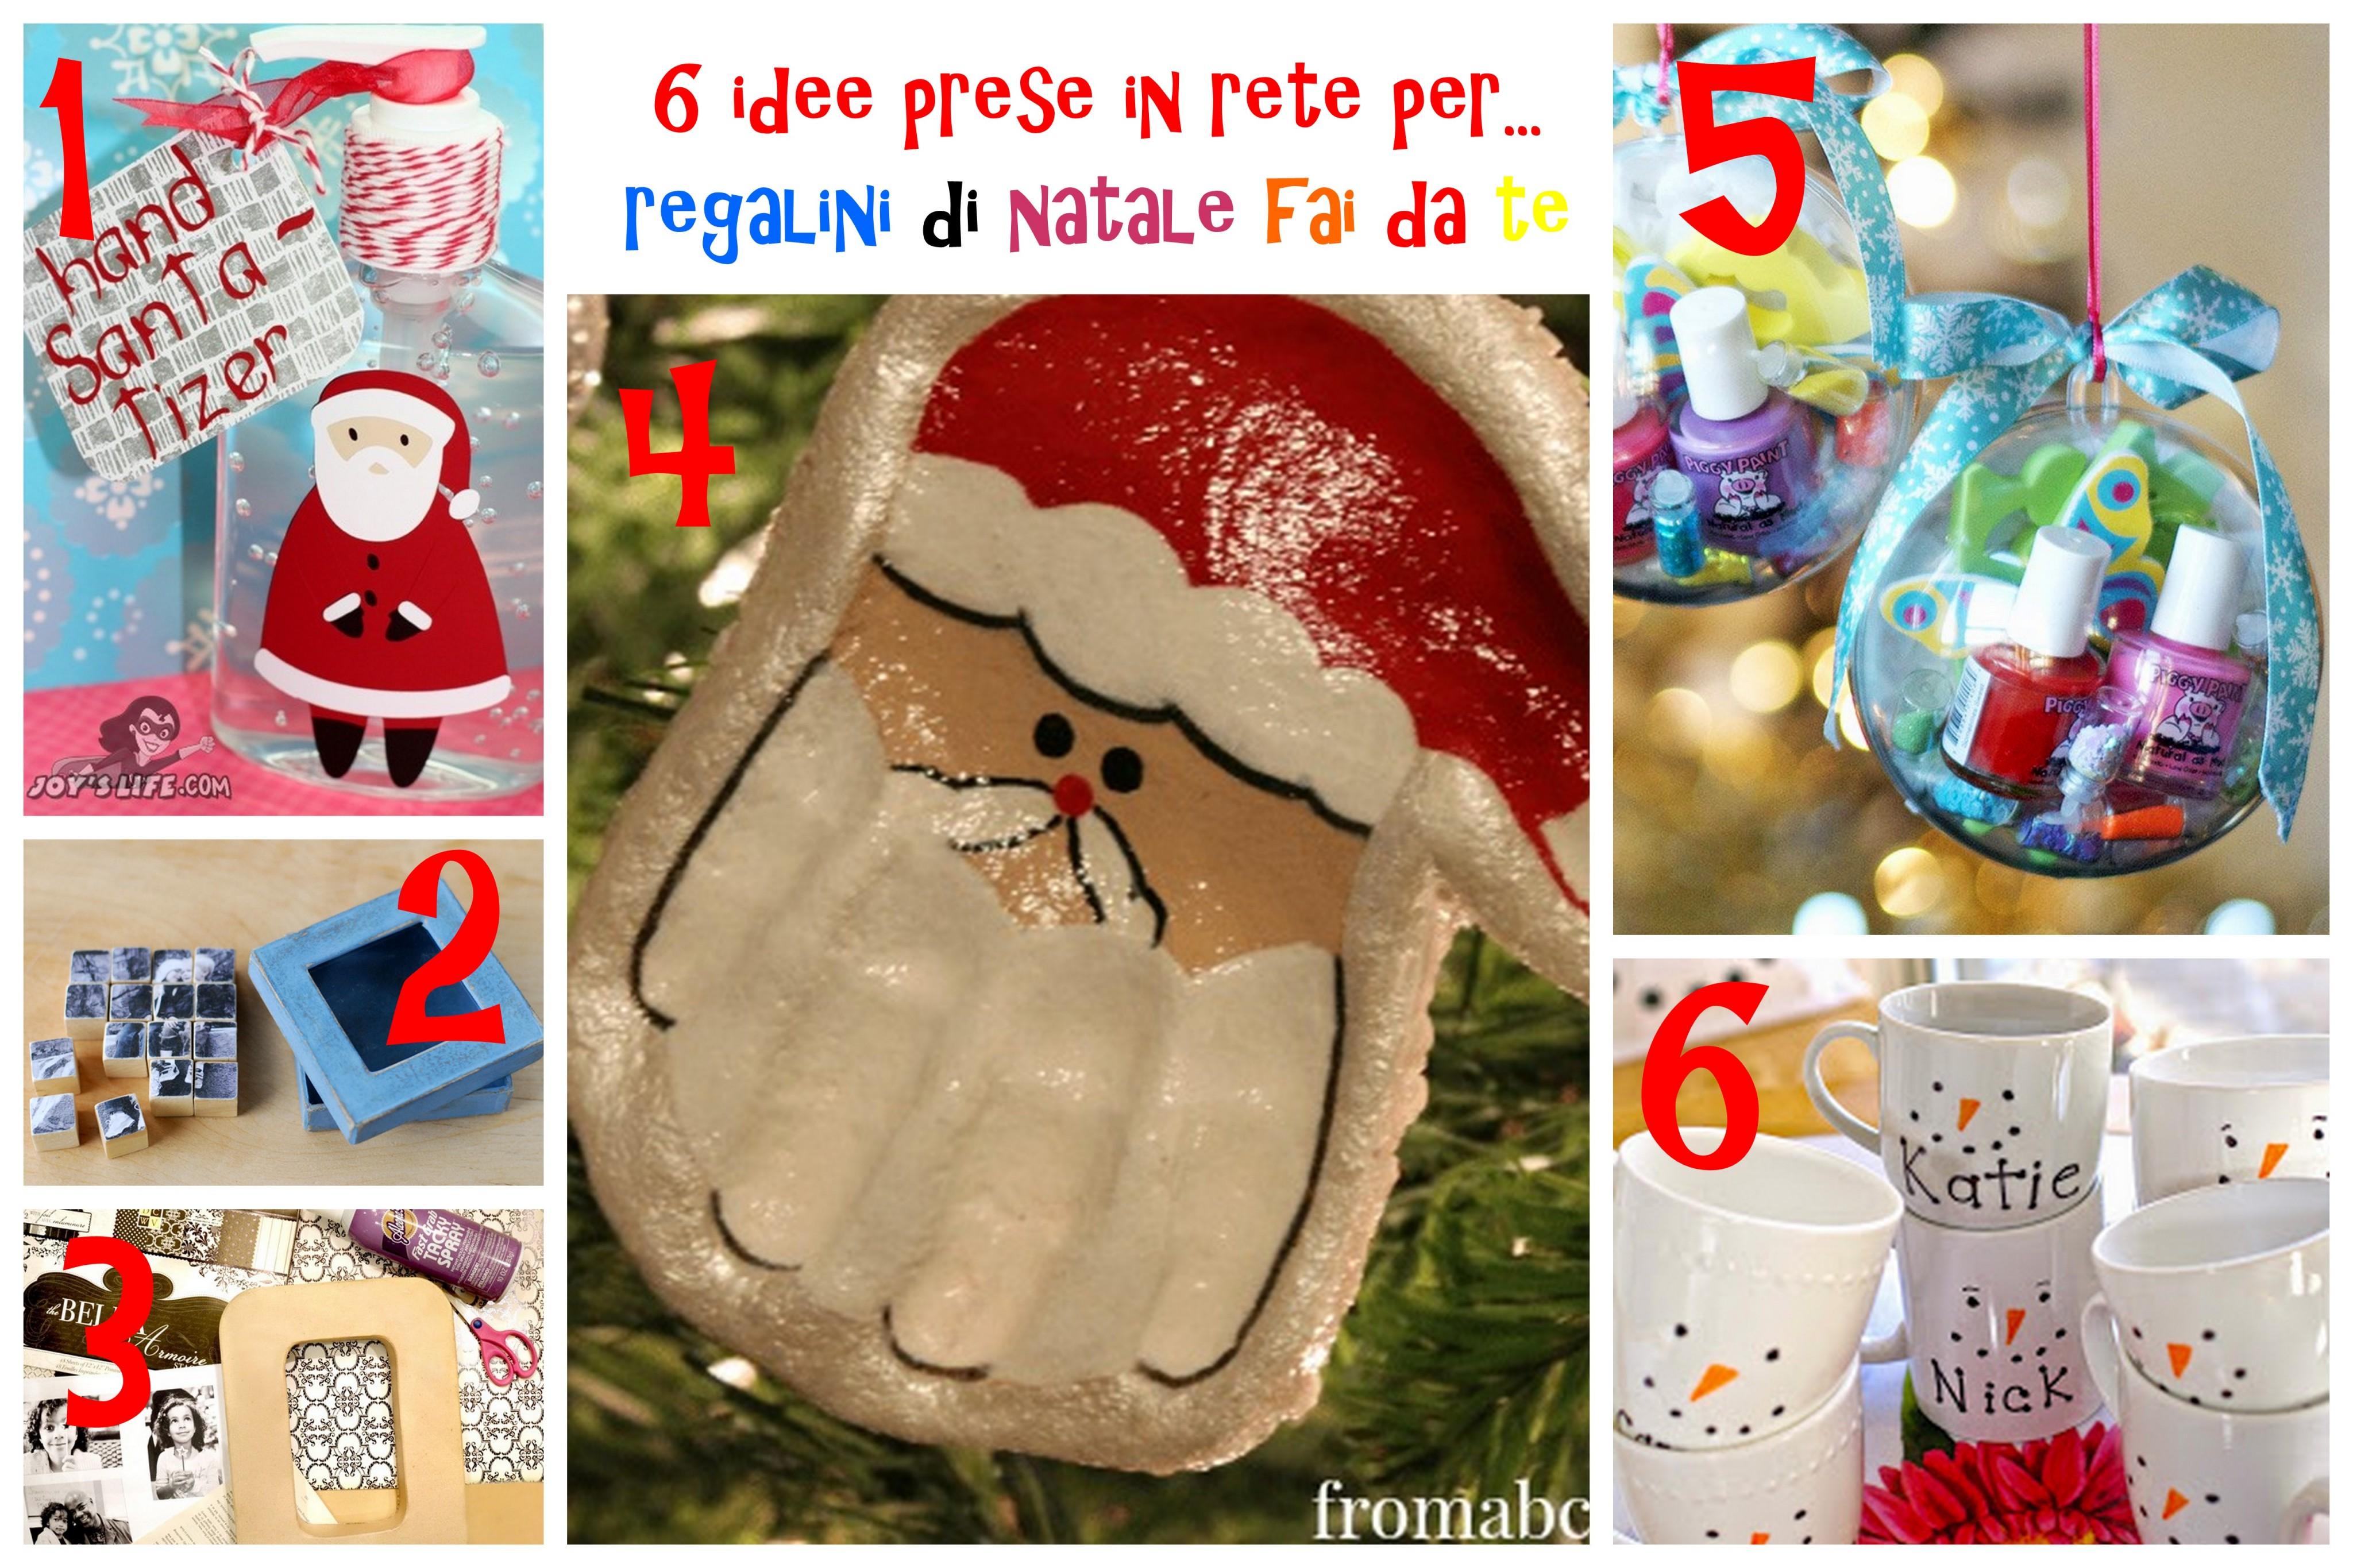 Regali Di Natale Per Zia.Regali Natale Bambini